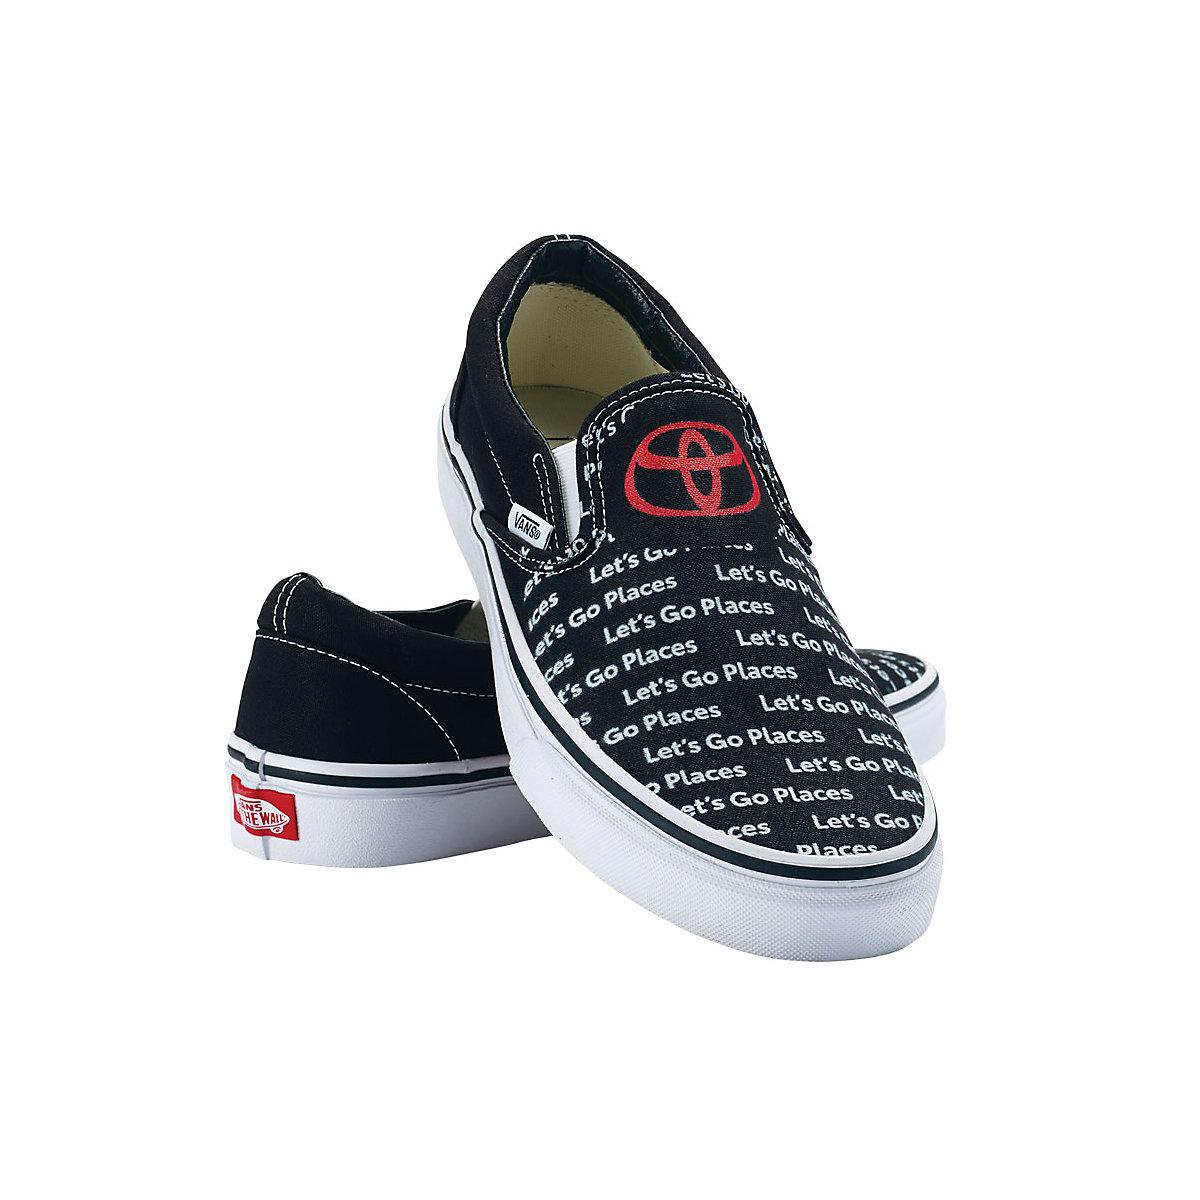 44d6cec2d6 Vans Custom Shoes Ladies Black